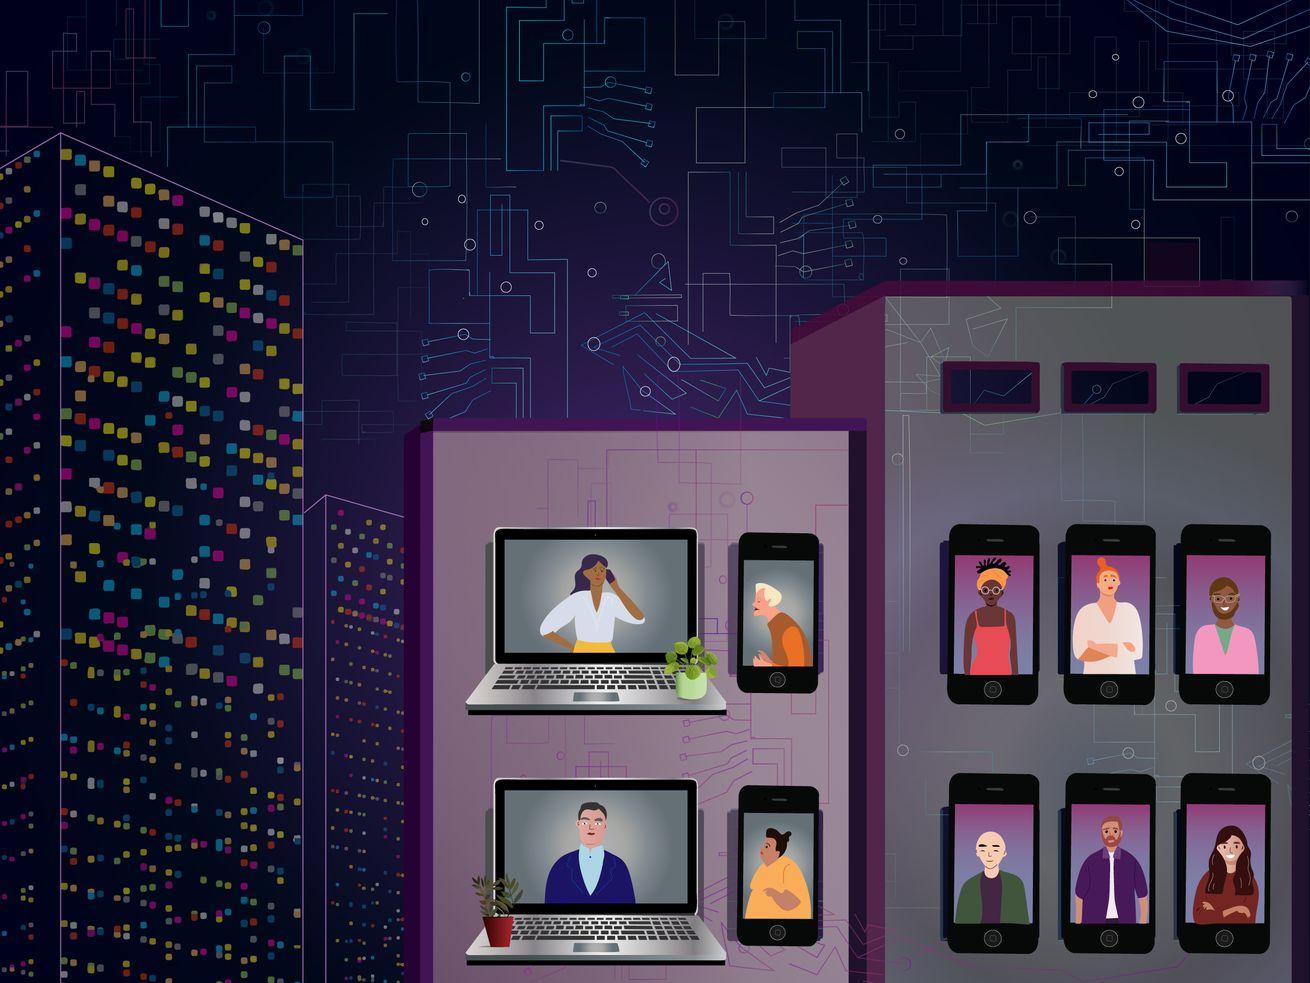 Une illustration stylisée montrant de grands bâtiments la nuit - mais au lieu de fenêtres, il y a des téléphones et des ordinateurs portables montrant des gens qui se parlent.